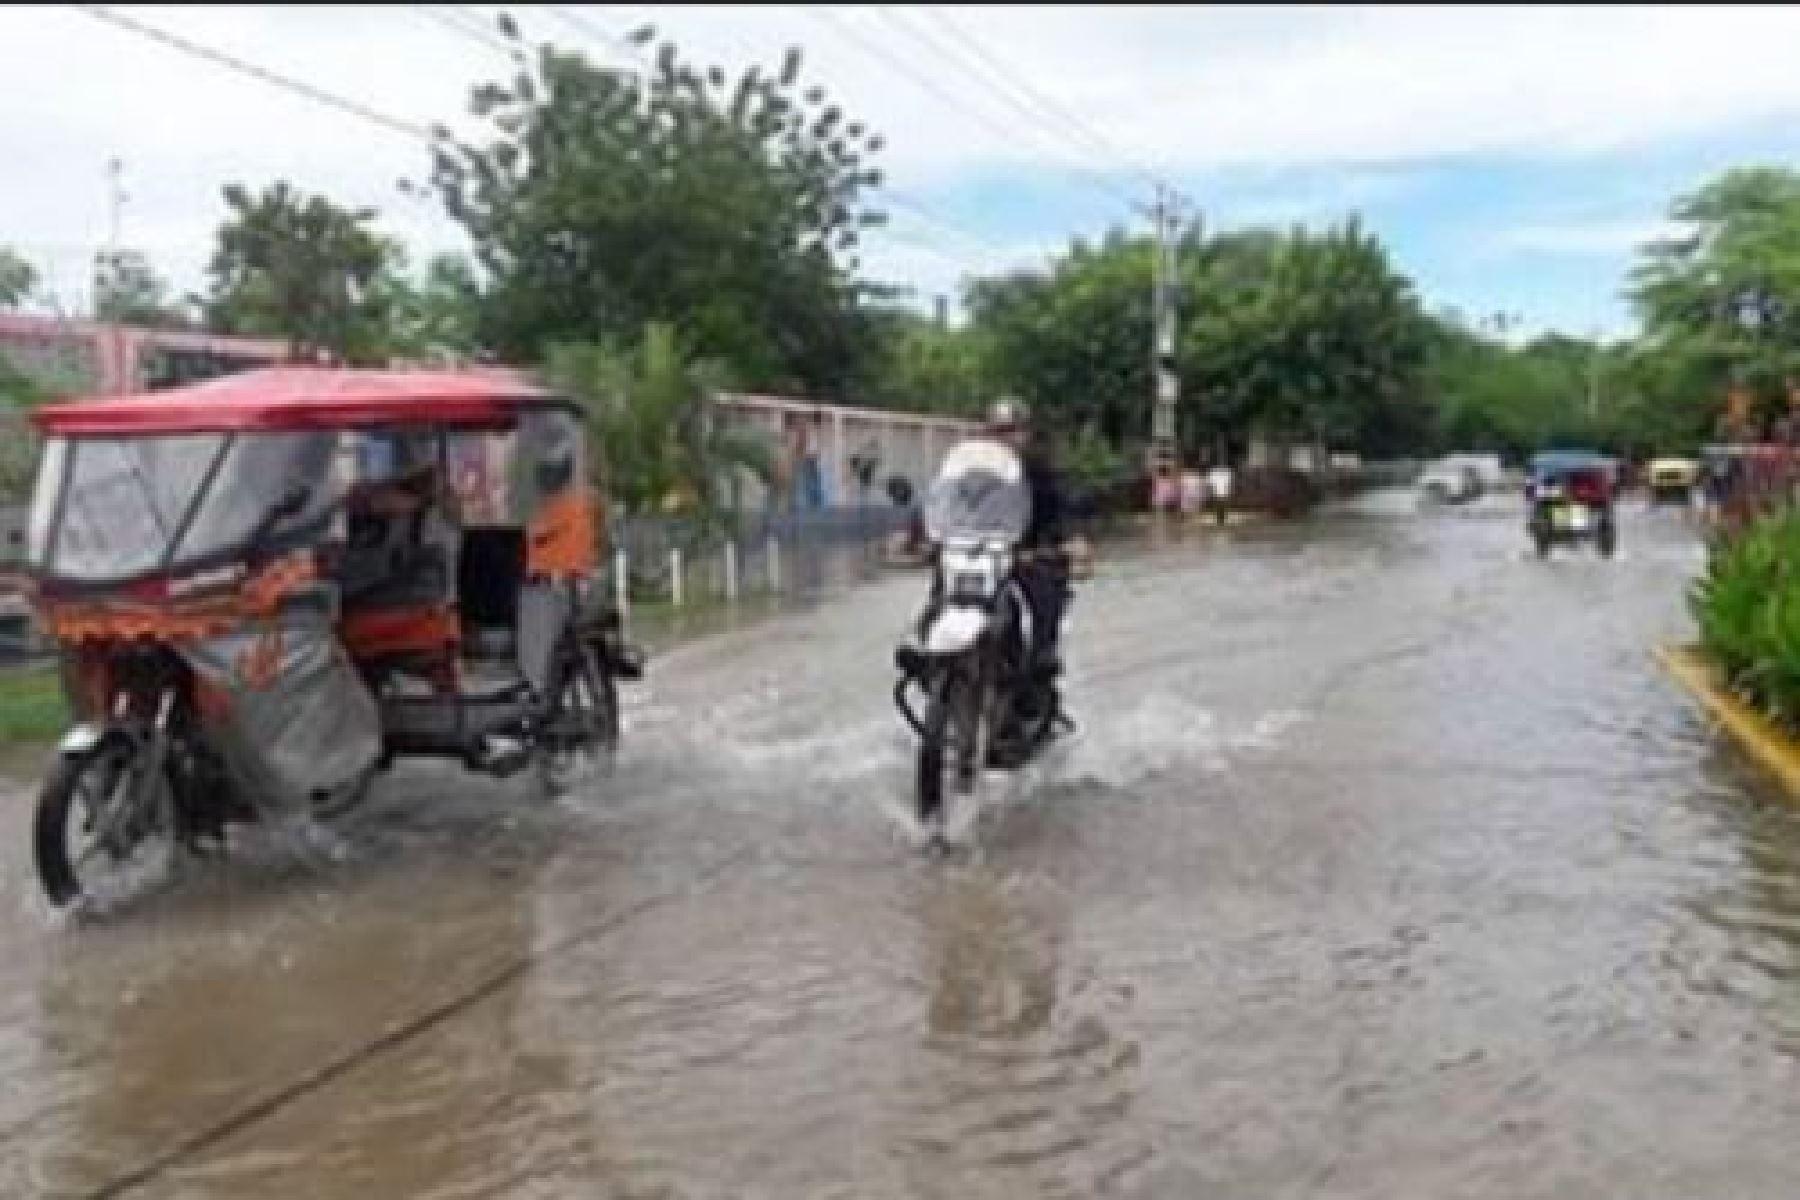 El Instituto Nacional de Defensa Civil (Indeci) ha elaborado un conjunto de medidas de protección y preparación ante el aviso del Senamhi sobre lluvias de moderada a fuerte intensidad en la selva que ocurren desde hoy hasta el miércoles 17 de enero. ANDINA/Difusión